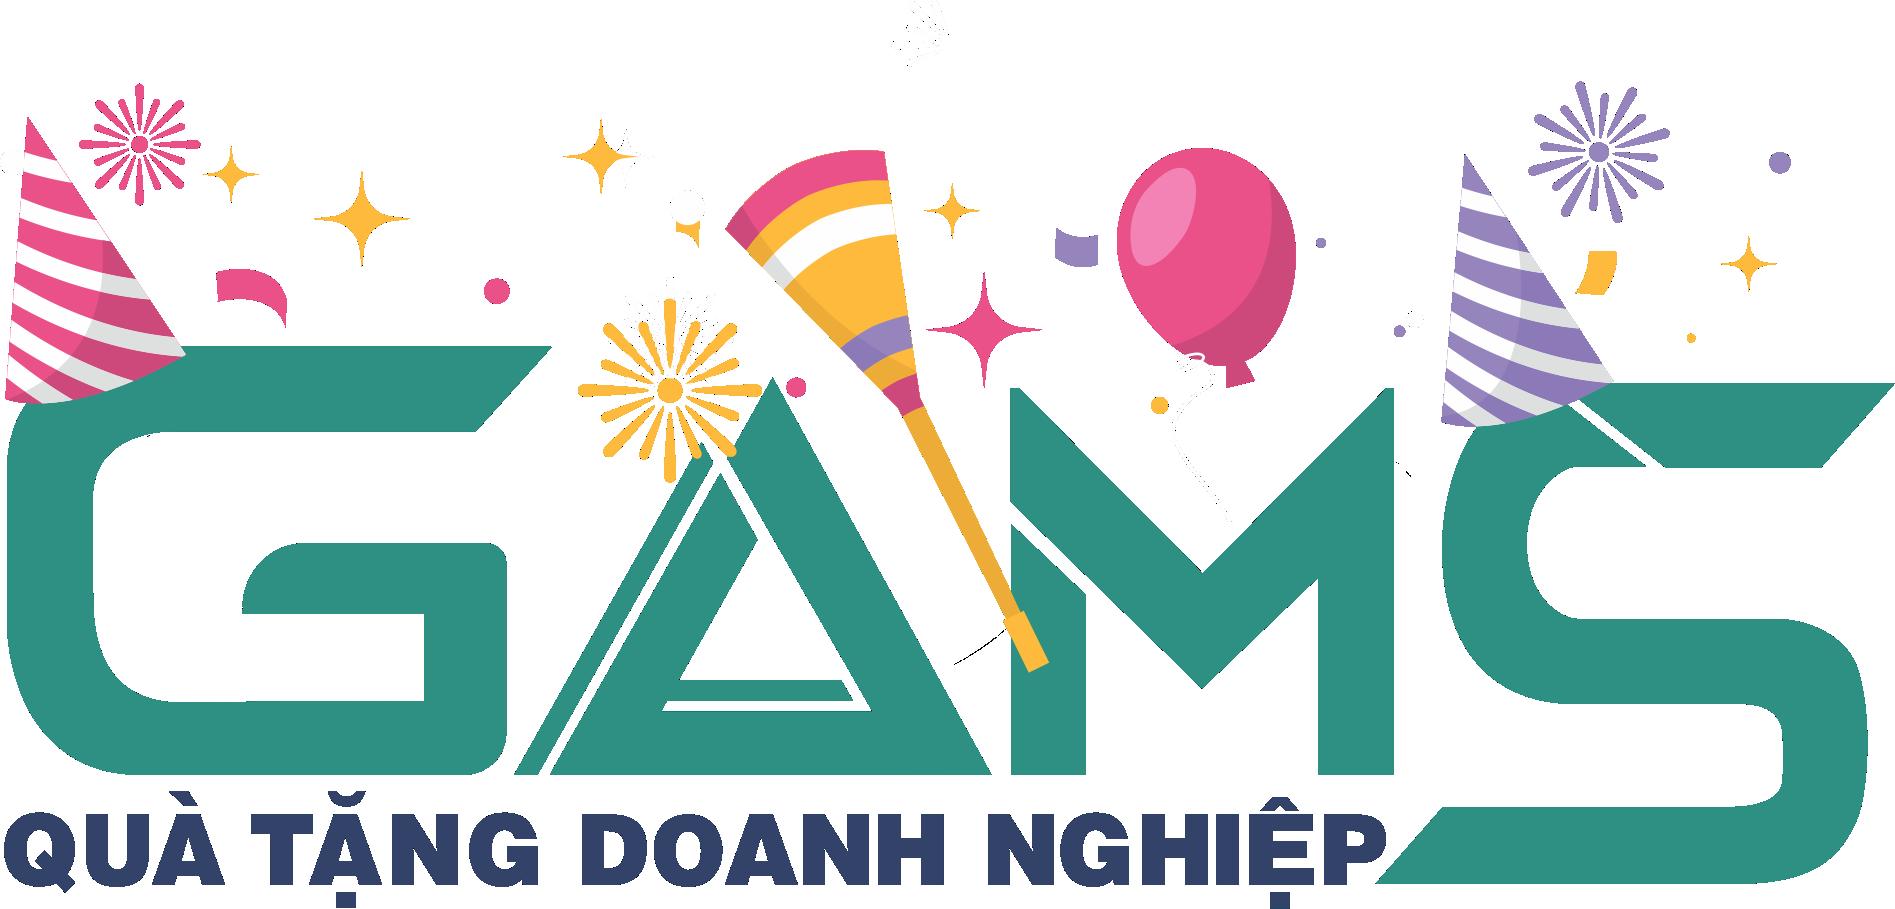 Gams | Cung cấp quà tặng doanh nghiệp